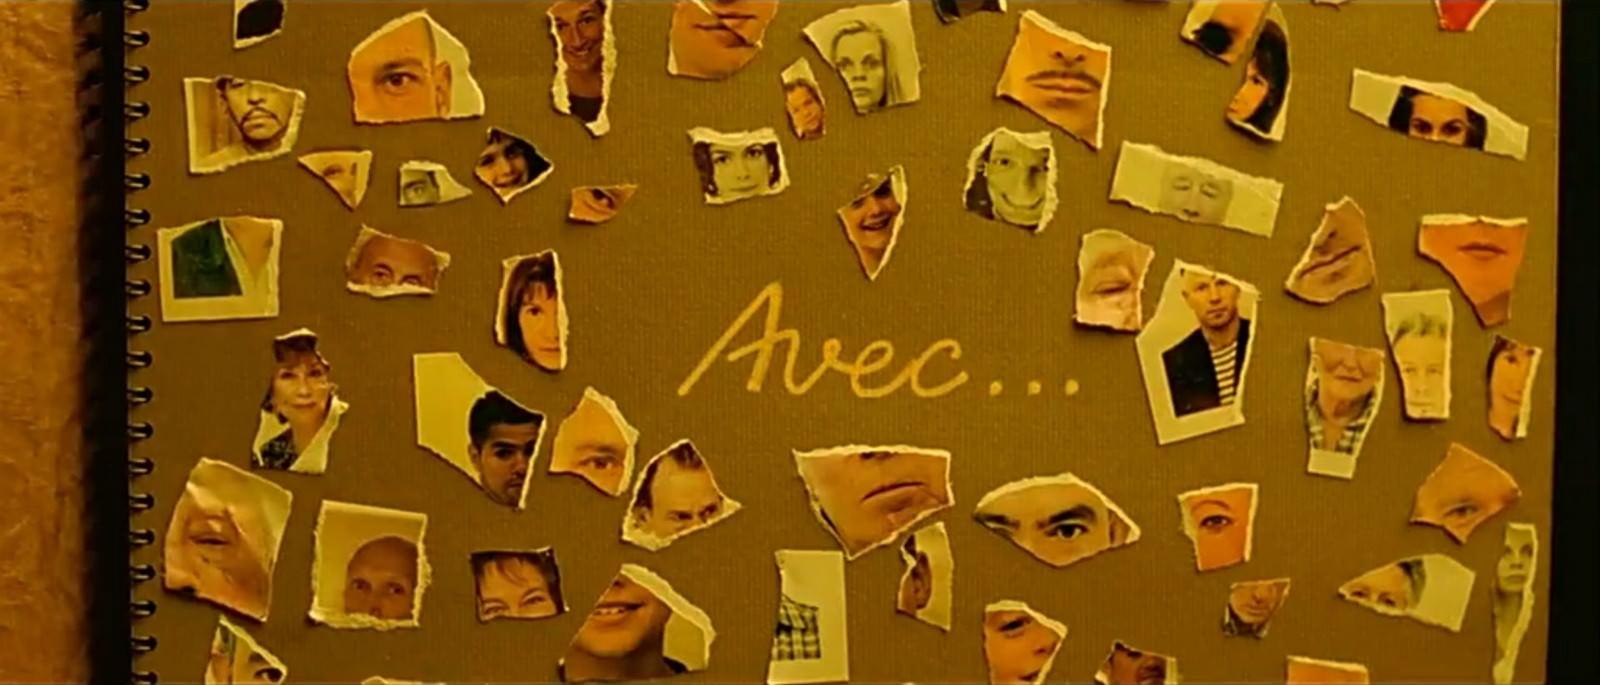 Movie, Le fabuleux destin d'Amélie Poulain(法國, 2001年) / 艾蜜莉的異想世界(台灣) / 天使愛美麗(香港) / Amelie(英文), 特殊演職表